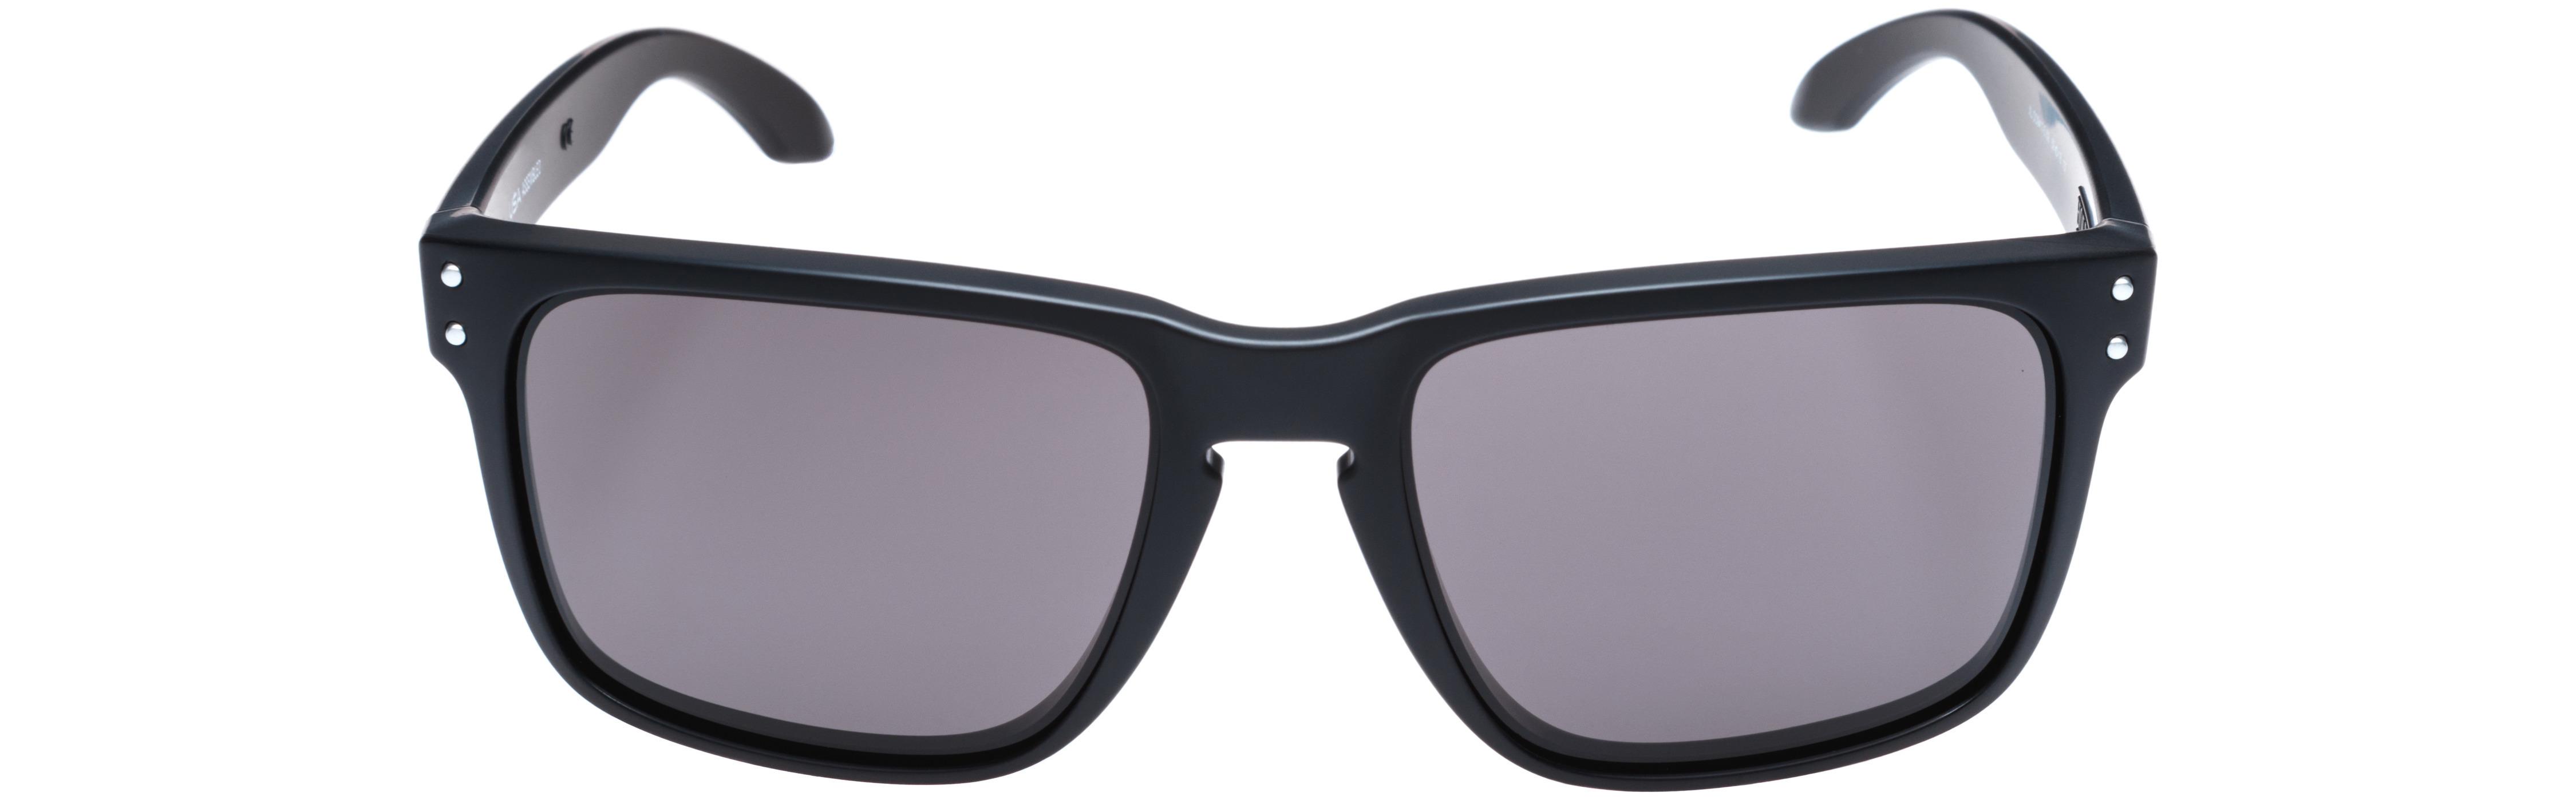 Oakley Holbrook XL Slnečné okuliare Čierna - Glami.sk 3fc7b620e95